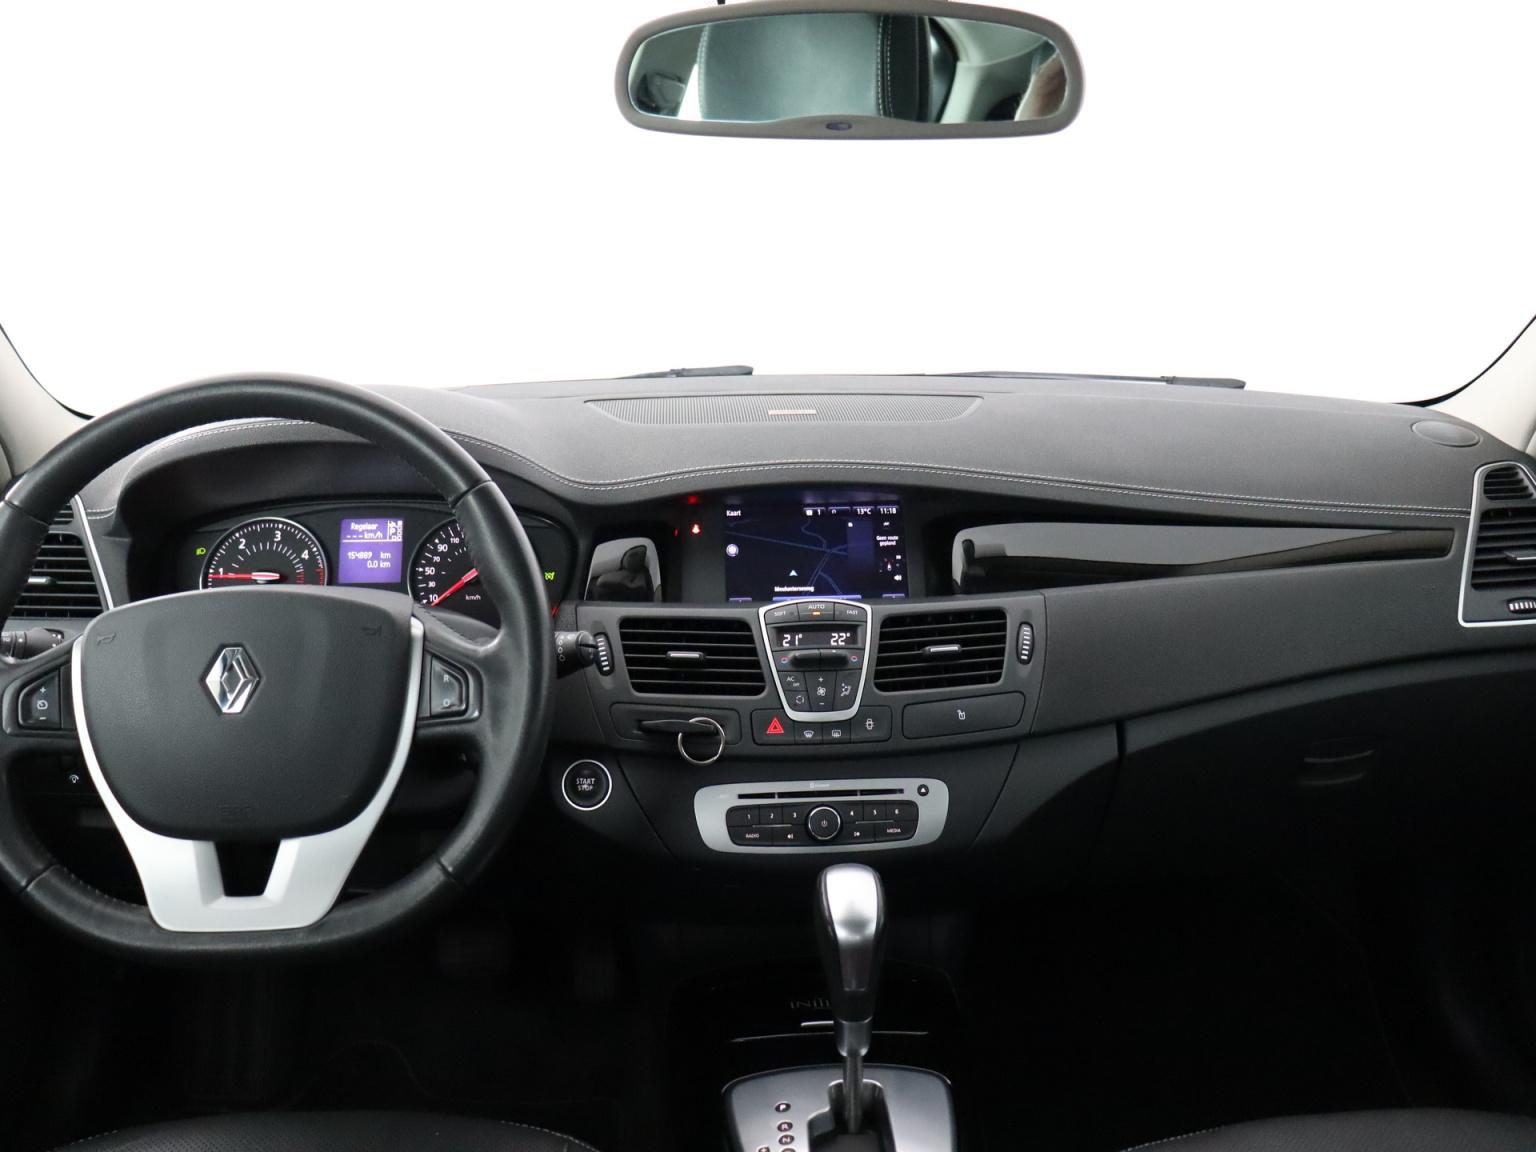 Renault-Laguna-5